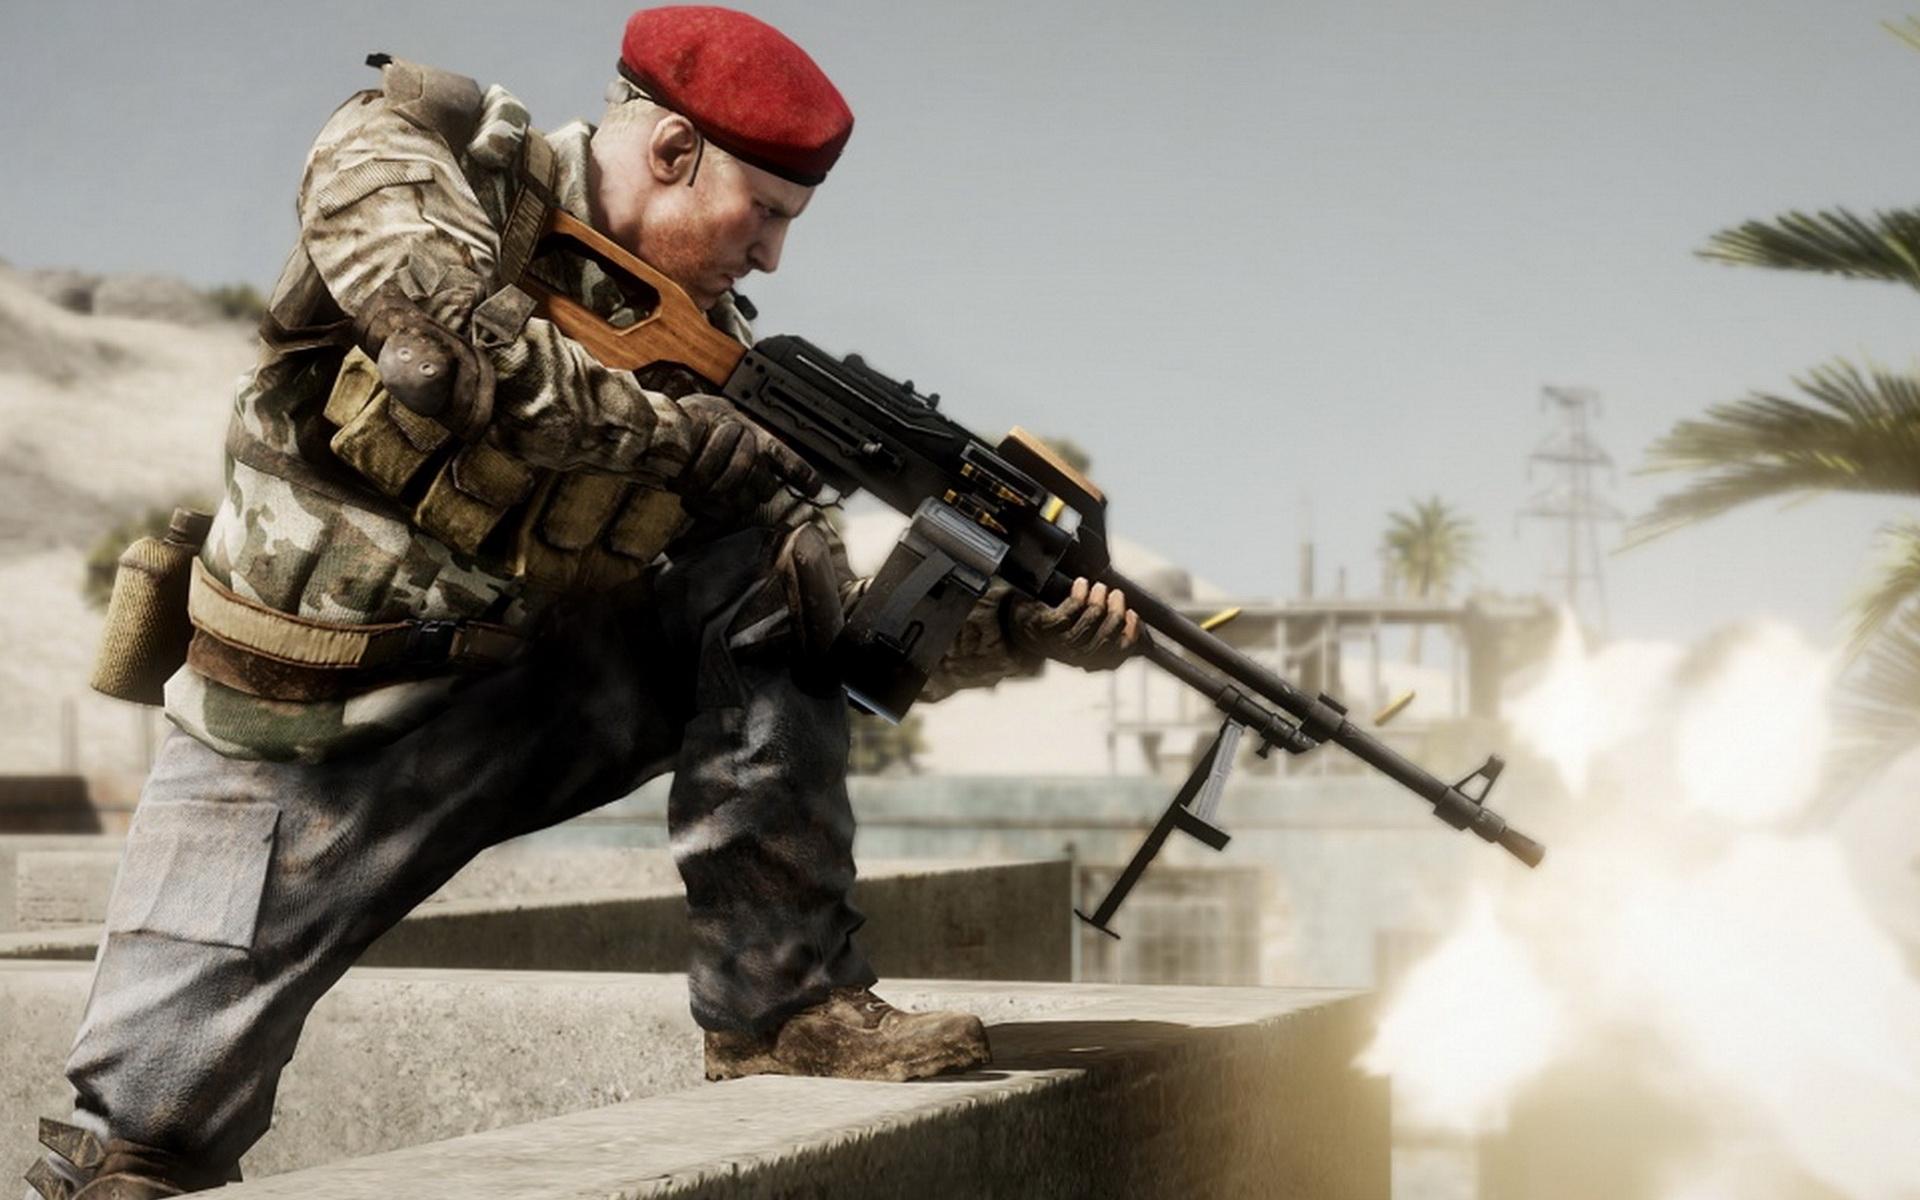 29316 Hintergrundbild herunterladen Spiele, Schlachtfeld - Bildschirmschoner und Bilder kostenlos